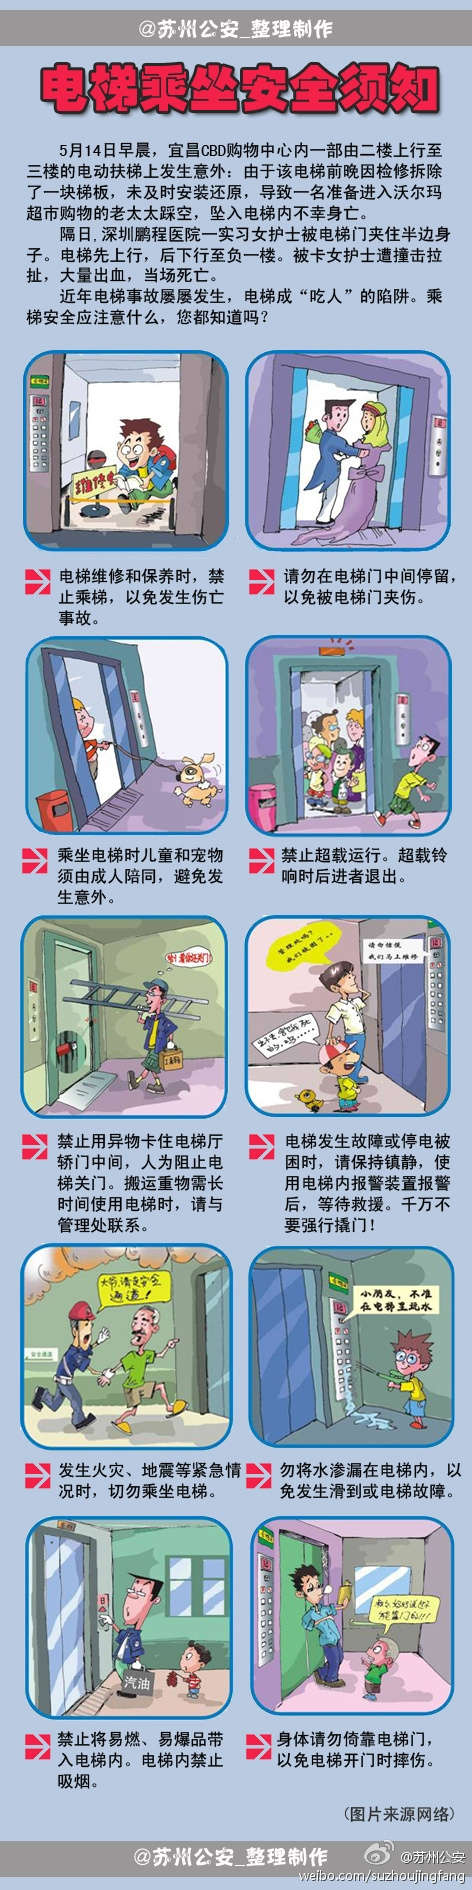 电梯乘坐安全须知